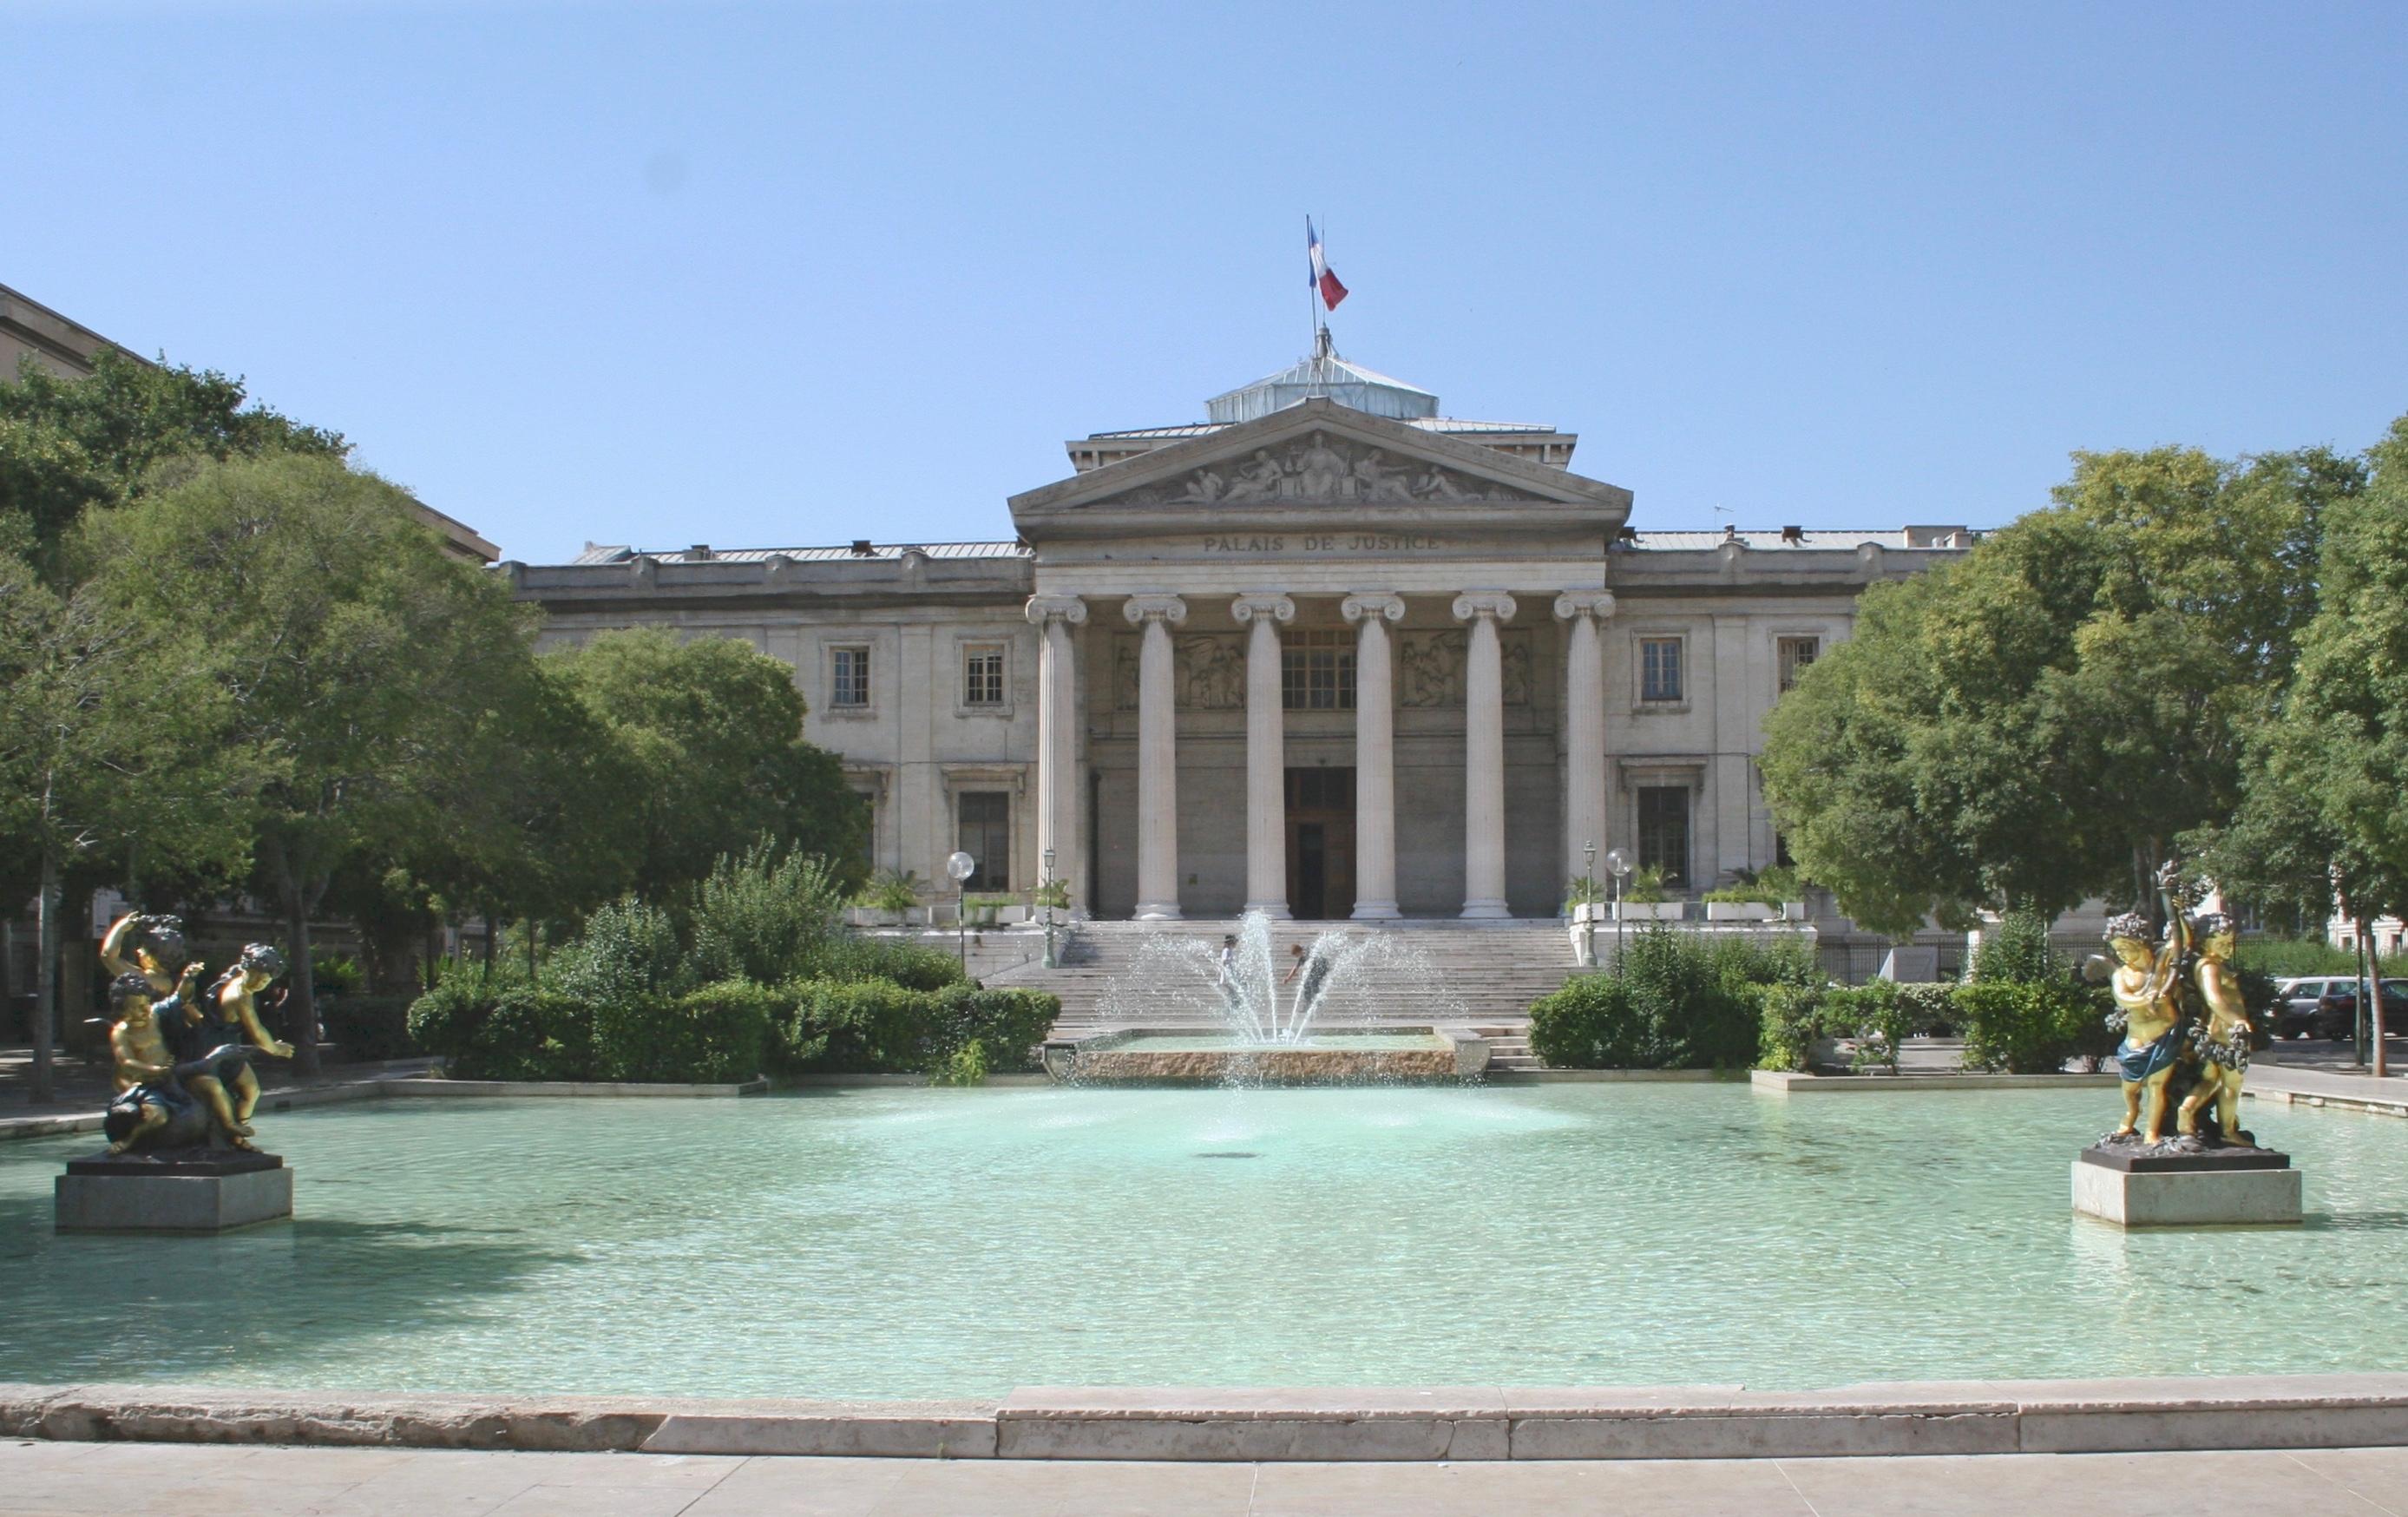 Palacio de justicia de Marsella - Wikipedia, la enciclopedia libre